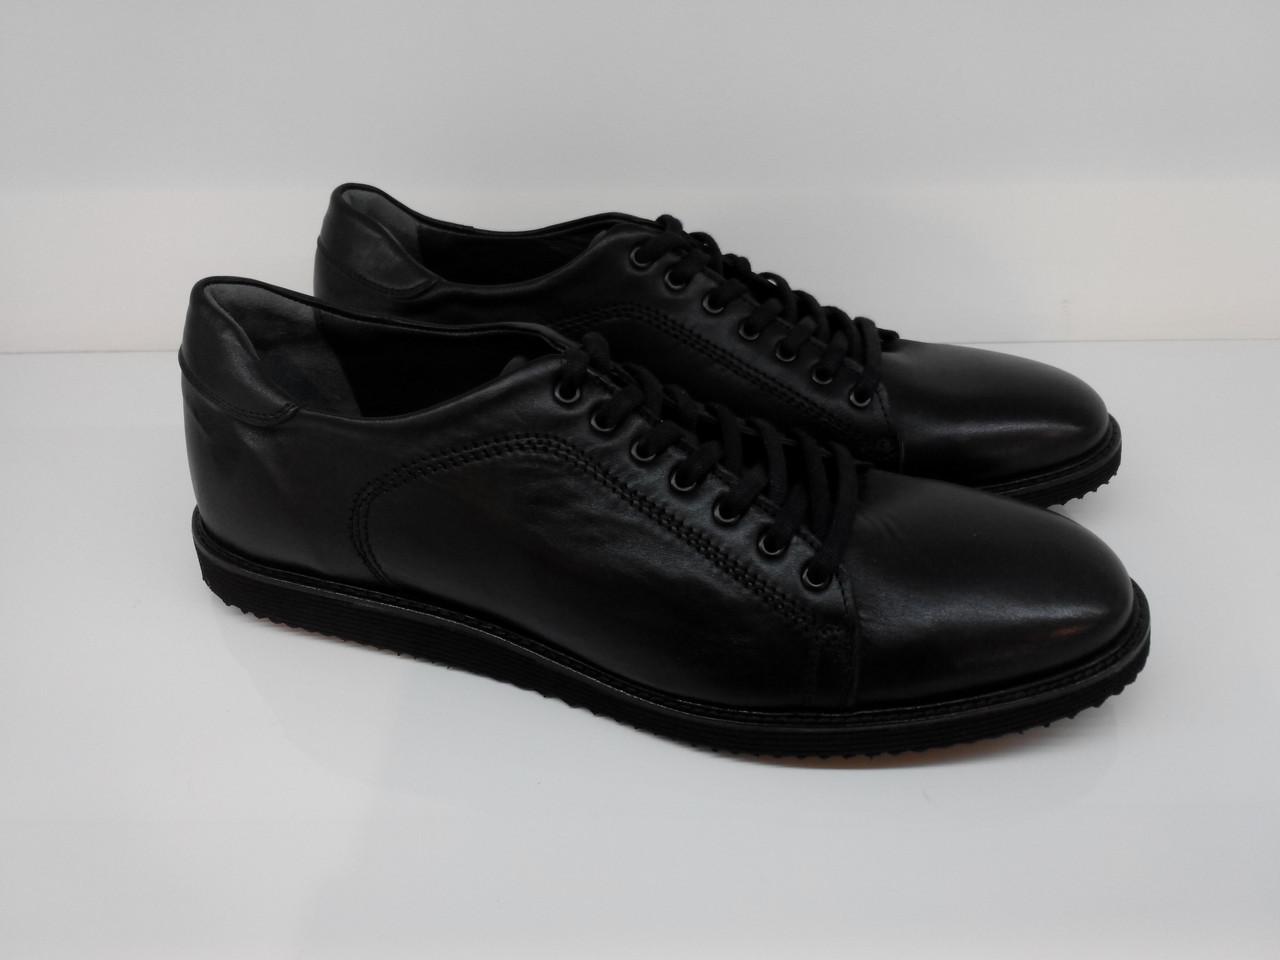 Туфли Etor 13145-100-78-1 46 черные